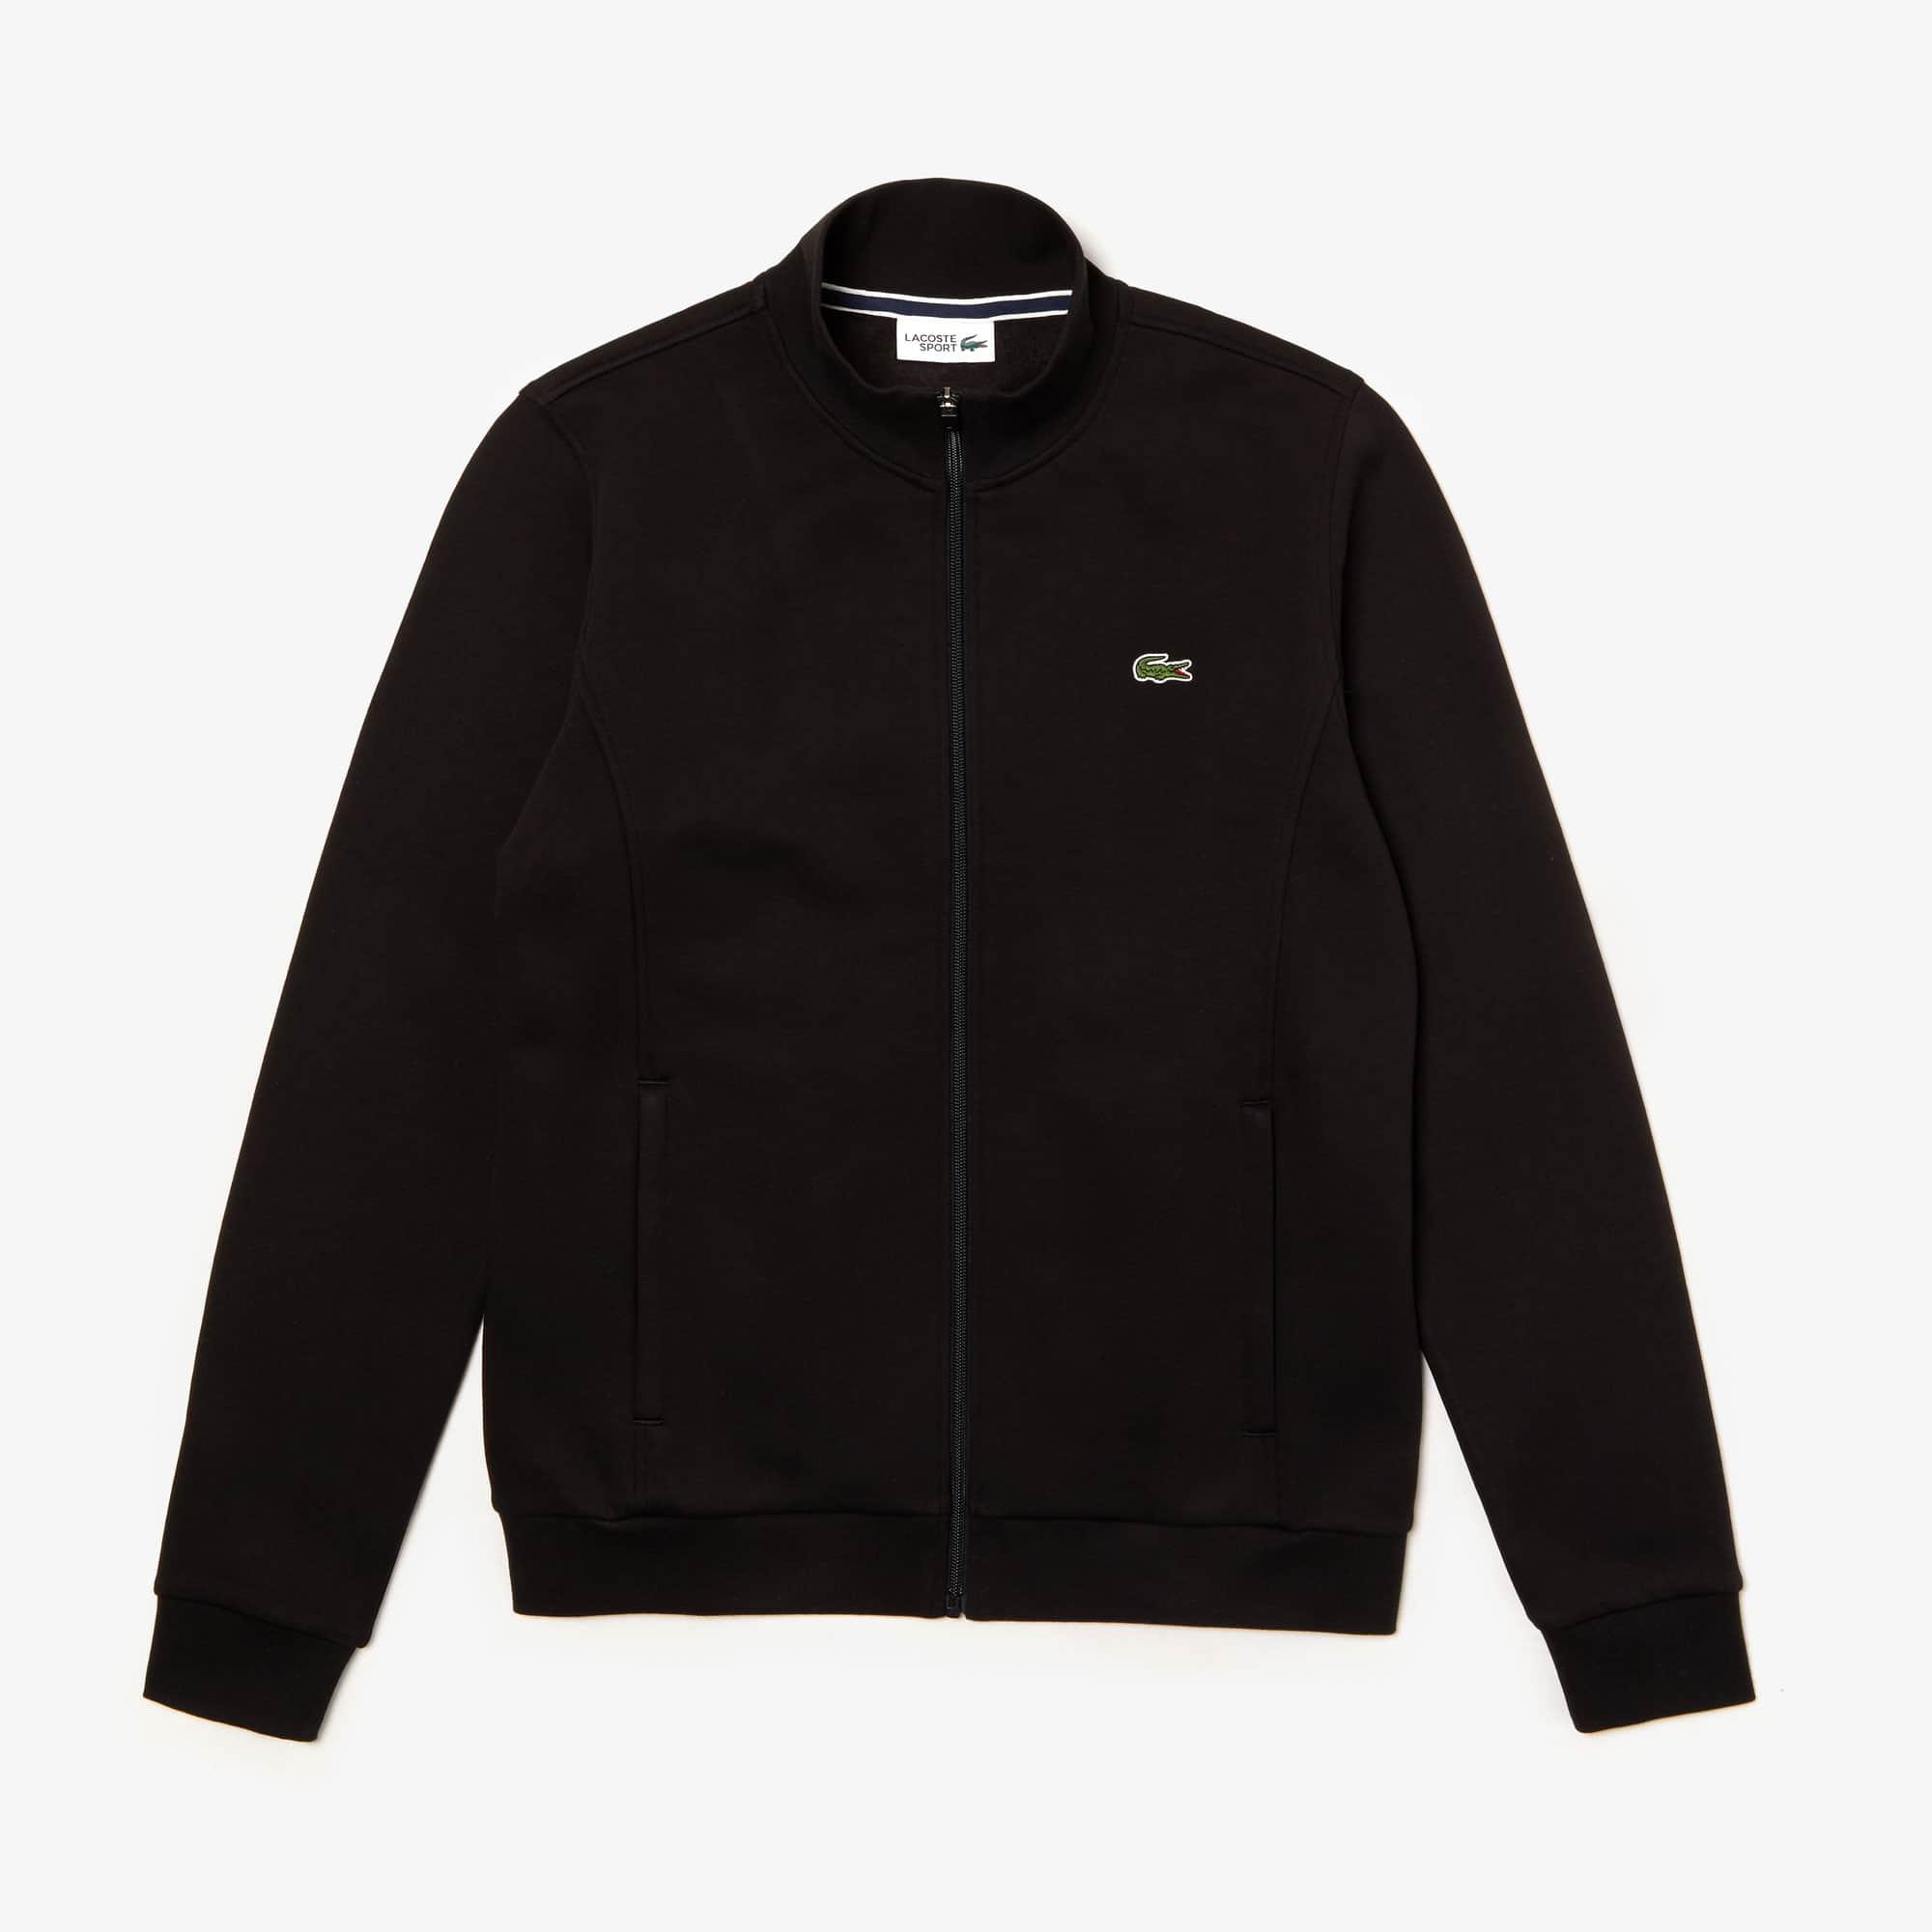 Men's SPORT Zip-up Sweatshirt